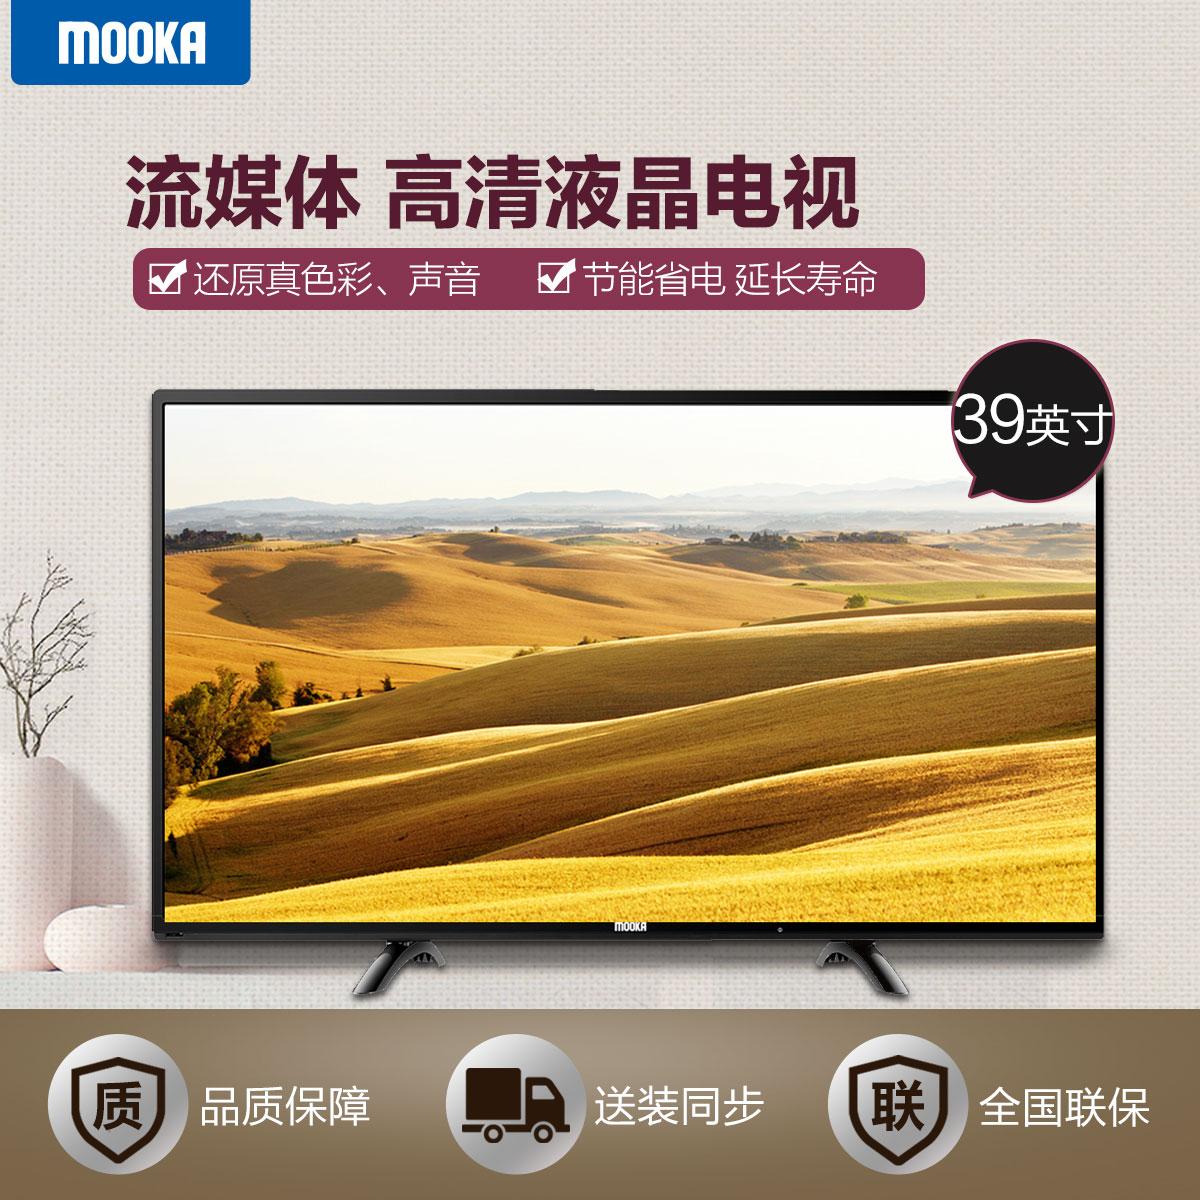 39英寸流媒体高清液晶电视,广色域A+屏,还原真色彩、声音,节能省电、延长整机使用寿命。 39A3